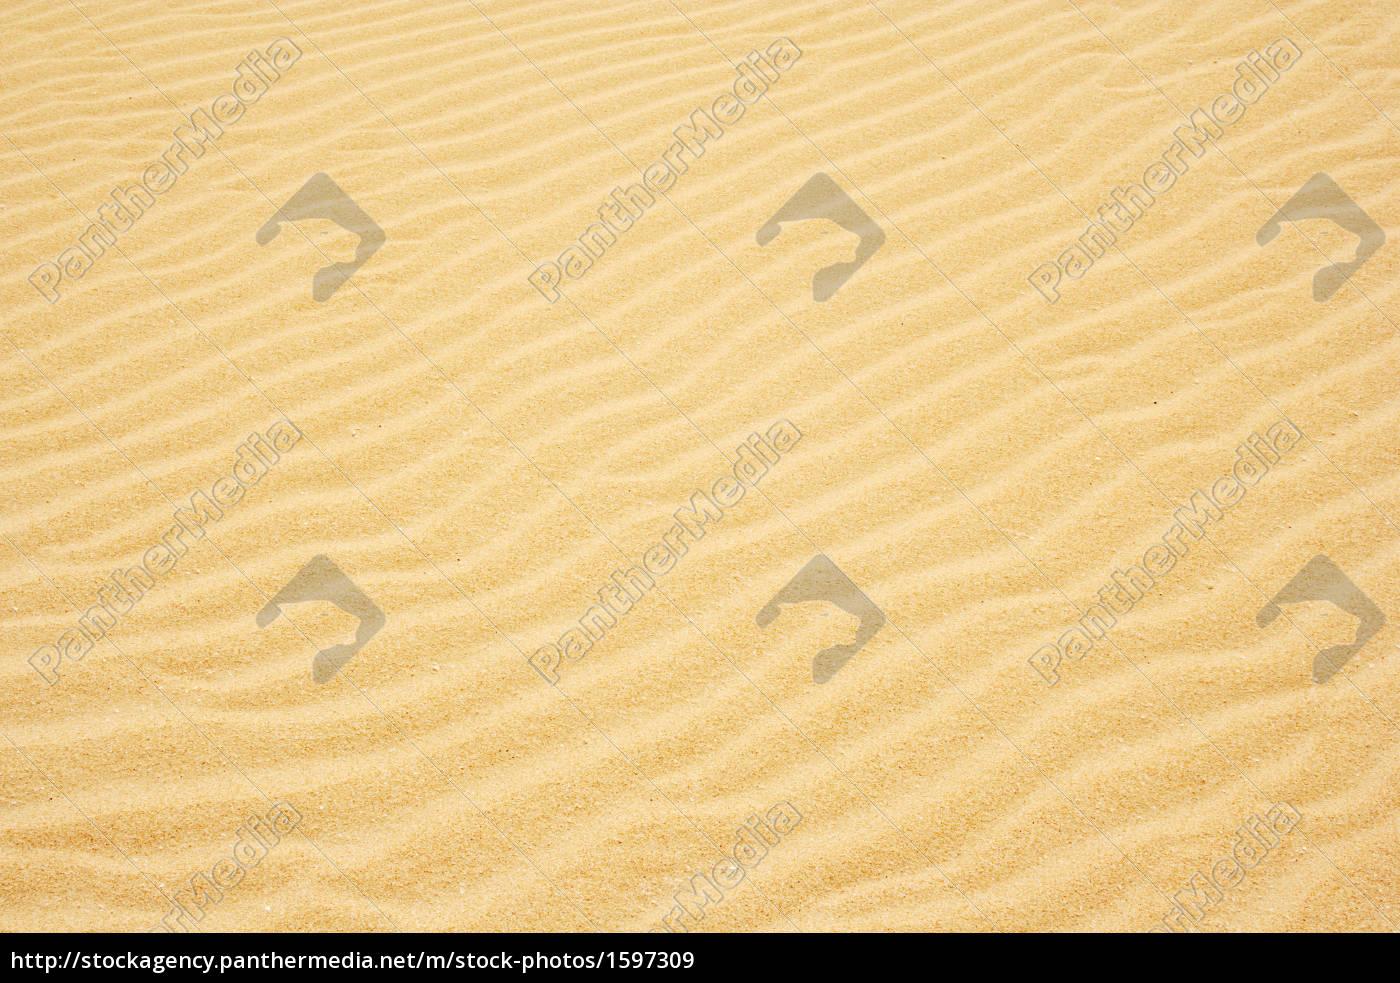 desert, sand - 1597309